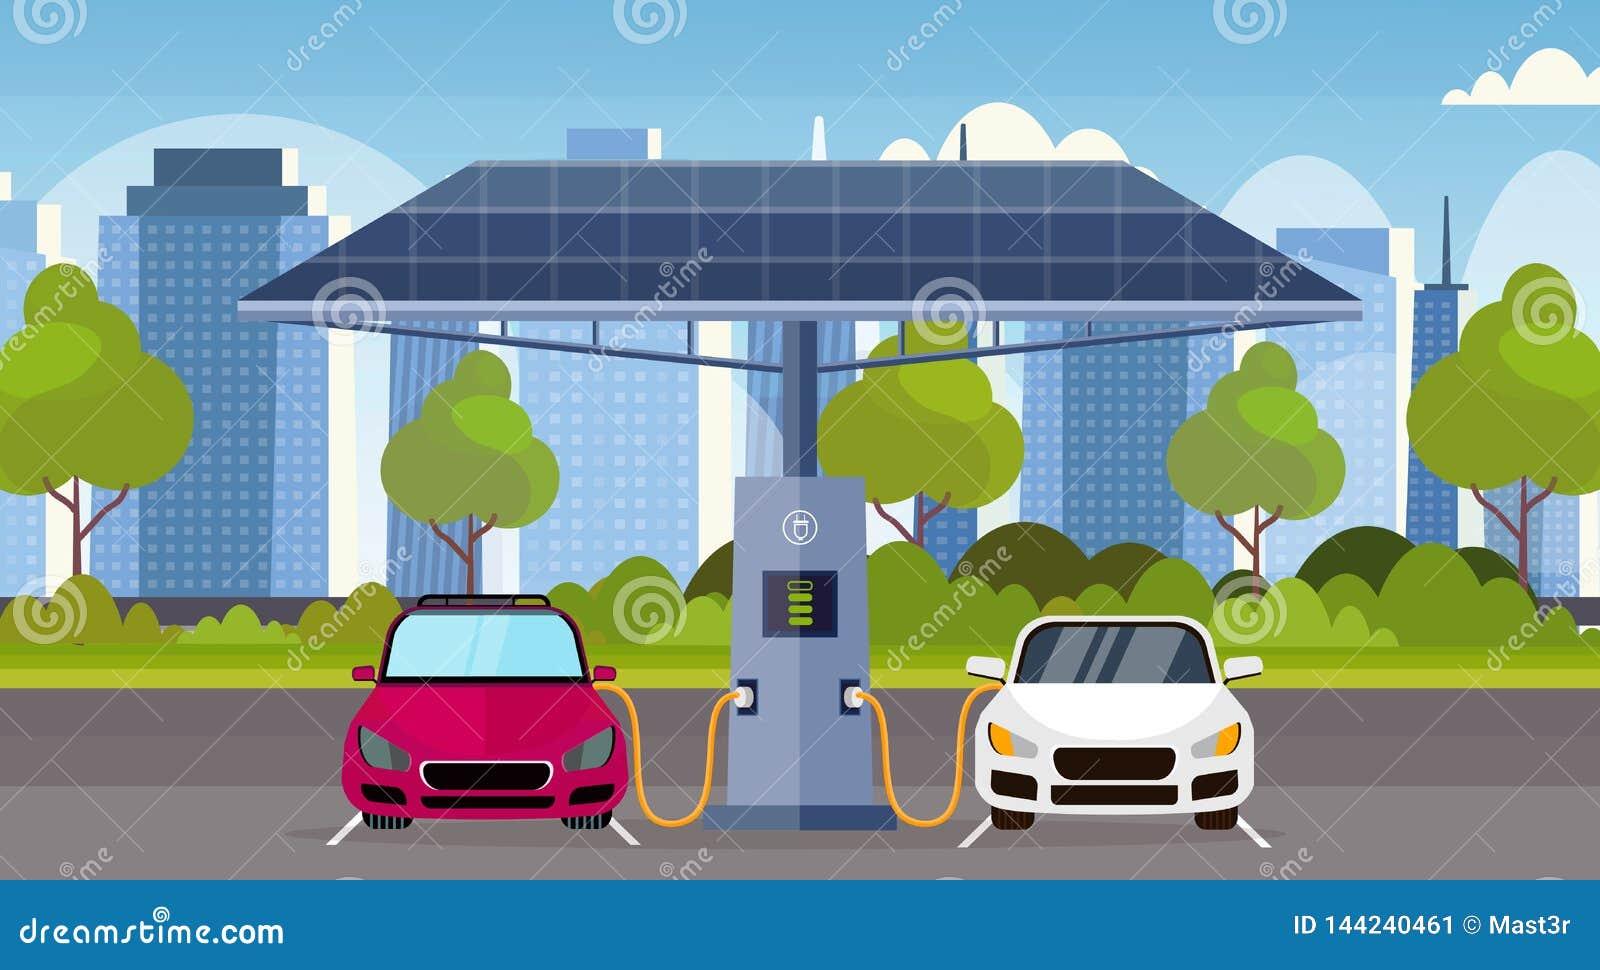 Elbilar som laddar p? station f?r elektrisk laddning med omsorg f?r milj? f?r transport f?r f?rnybar eco f?r solpaneler v?nlig